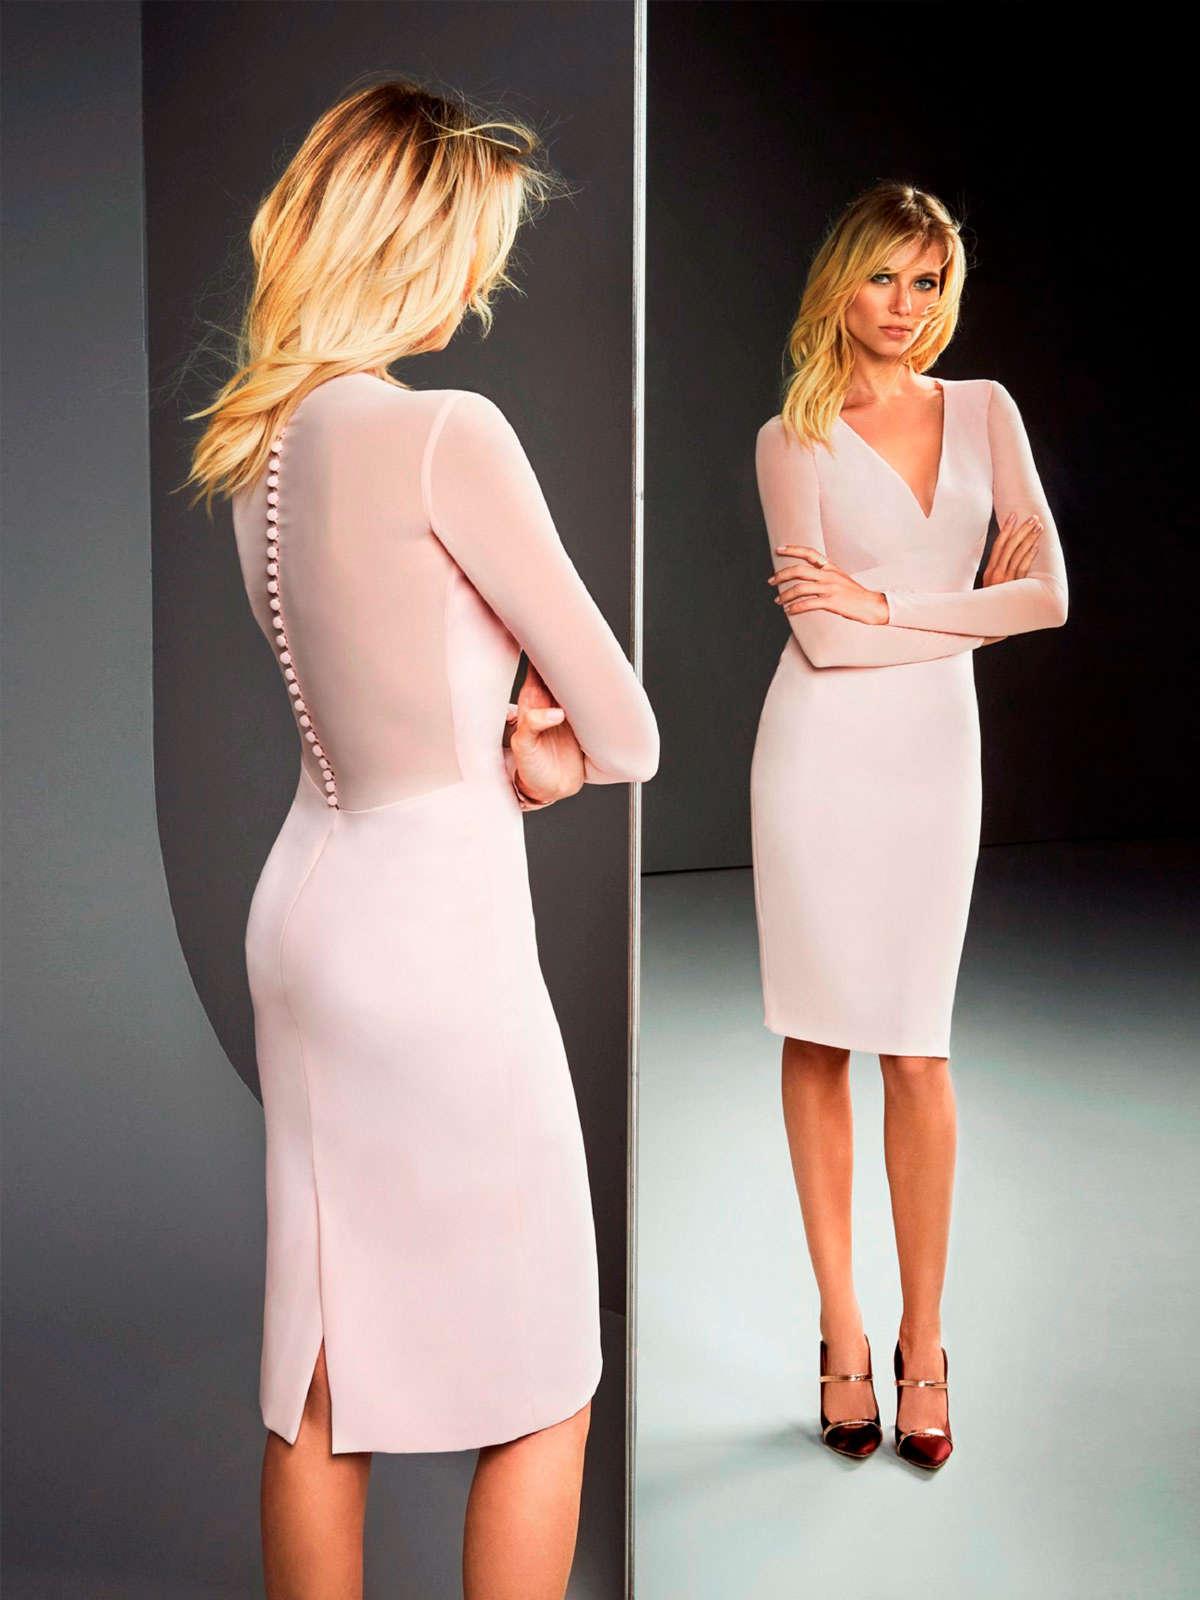 7104cafd352bd Donde comprar vestidos de noche en villahermosa - Vestidos verano